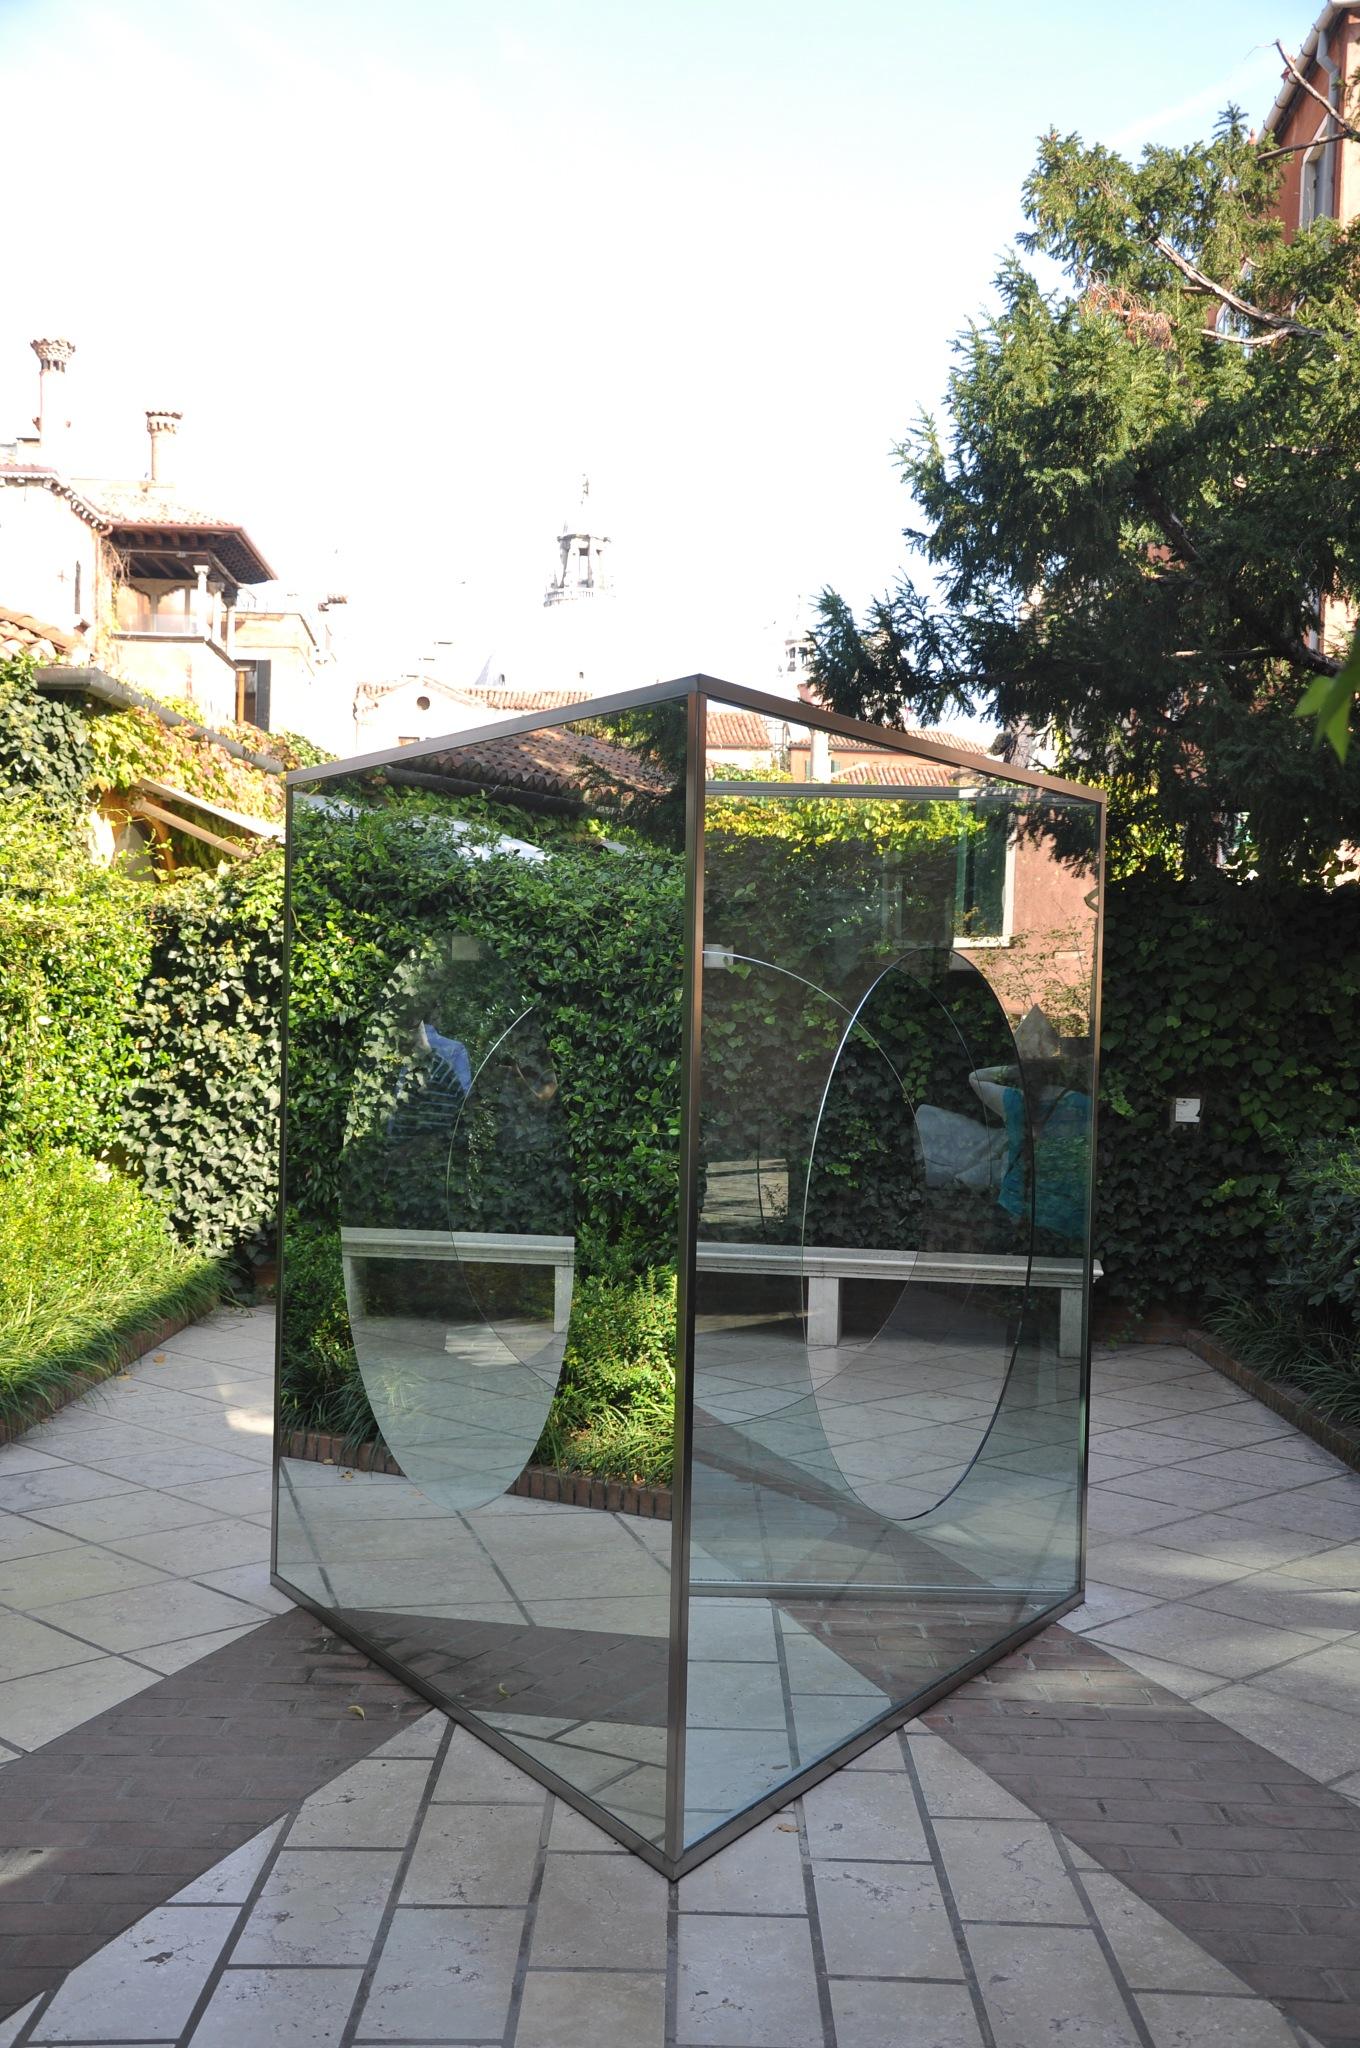 The  Garden ~  Peggy  Guggenheim Museum~ Venice , Italy  ~September  2011 by domenic.silvi